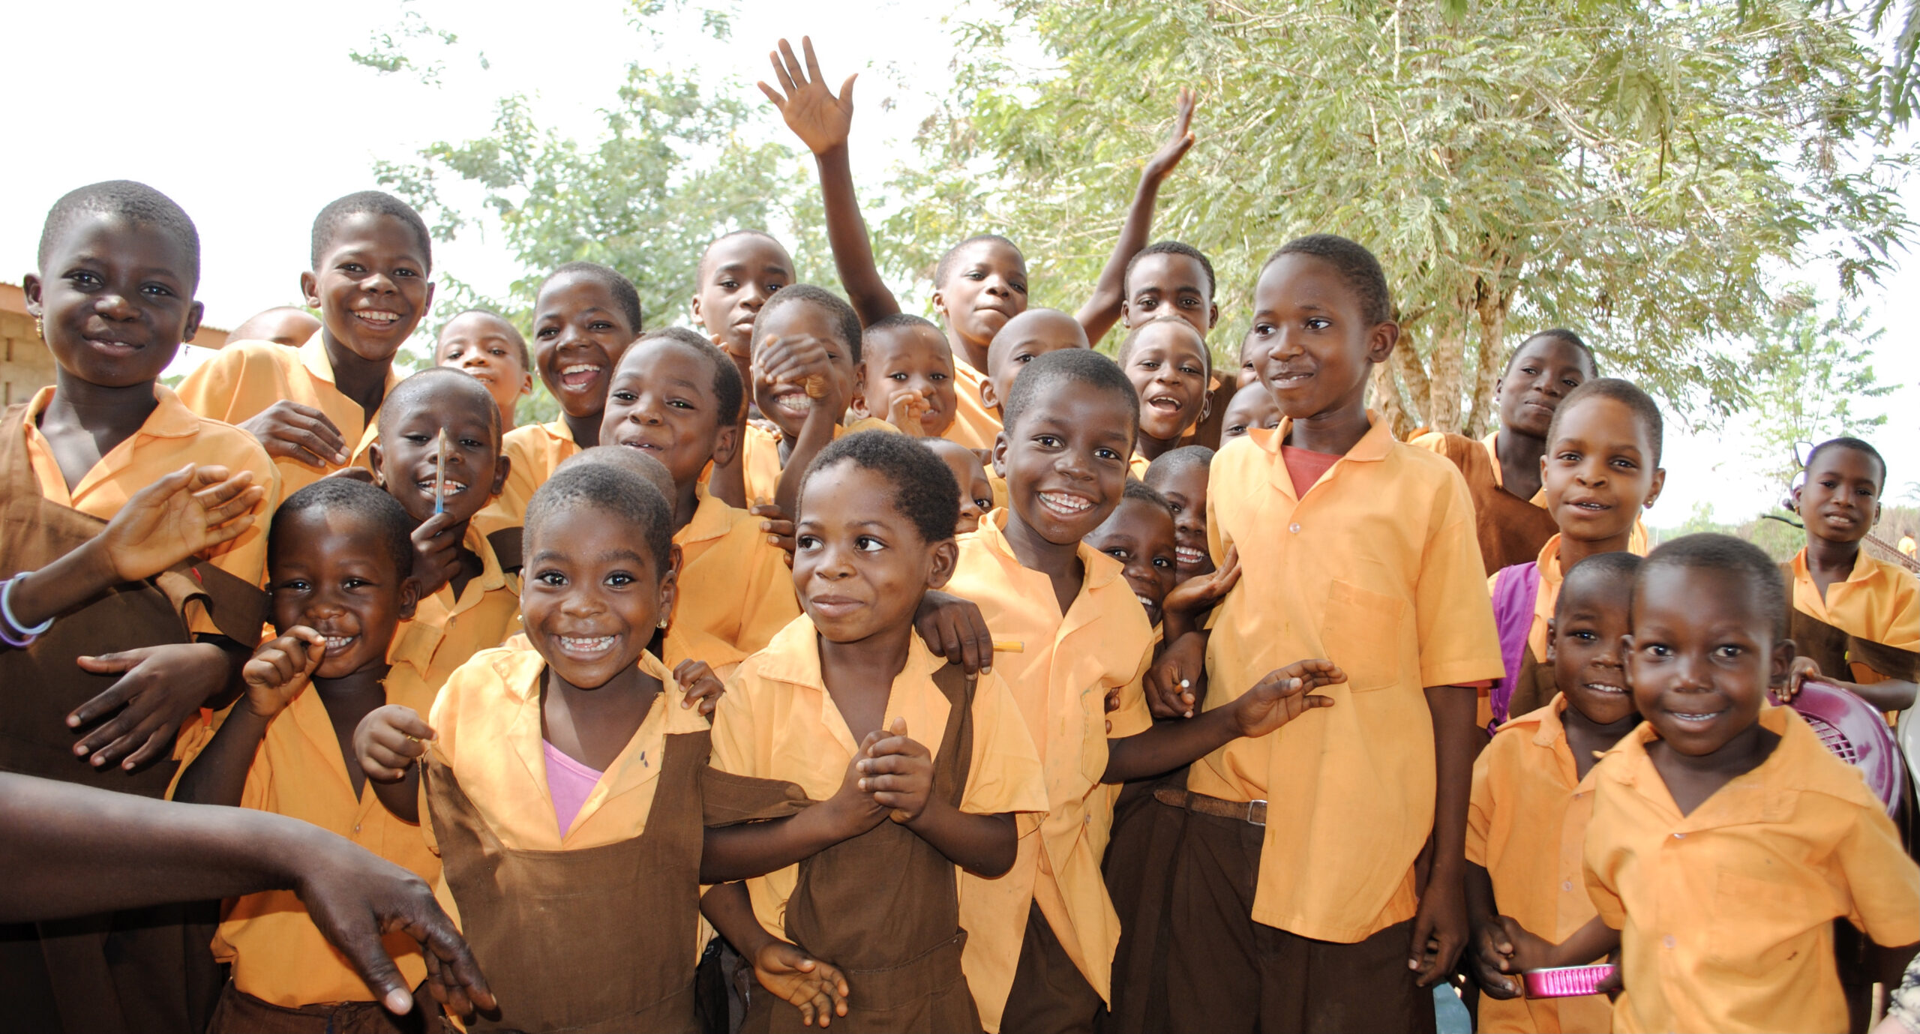 Happy group of school children in Ghana.